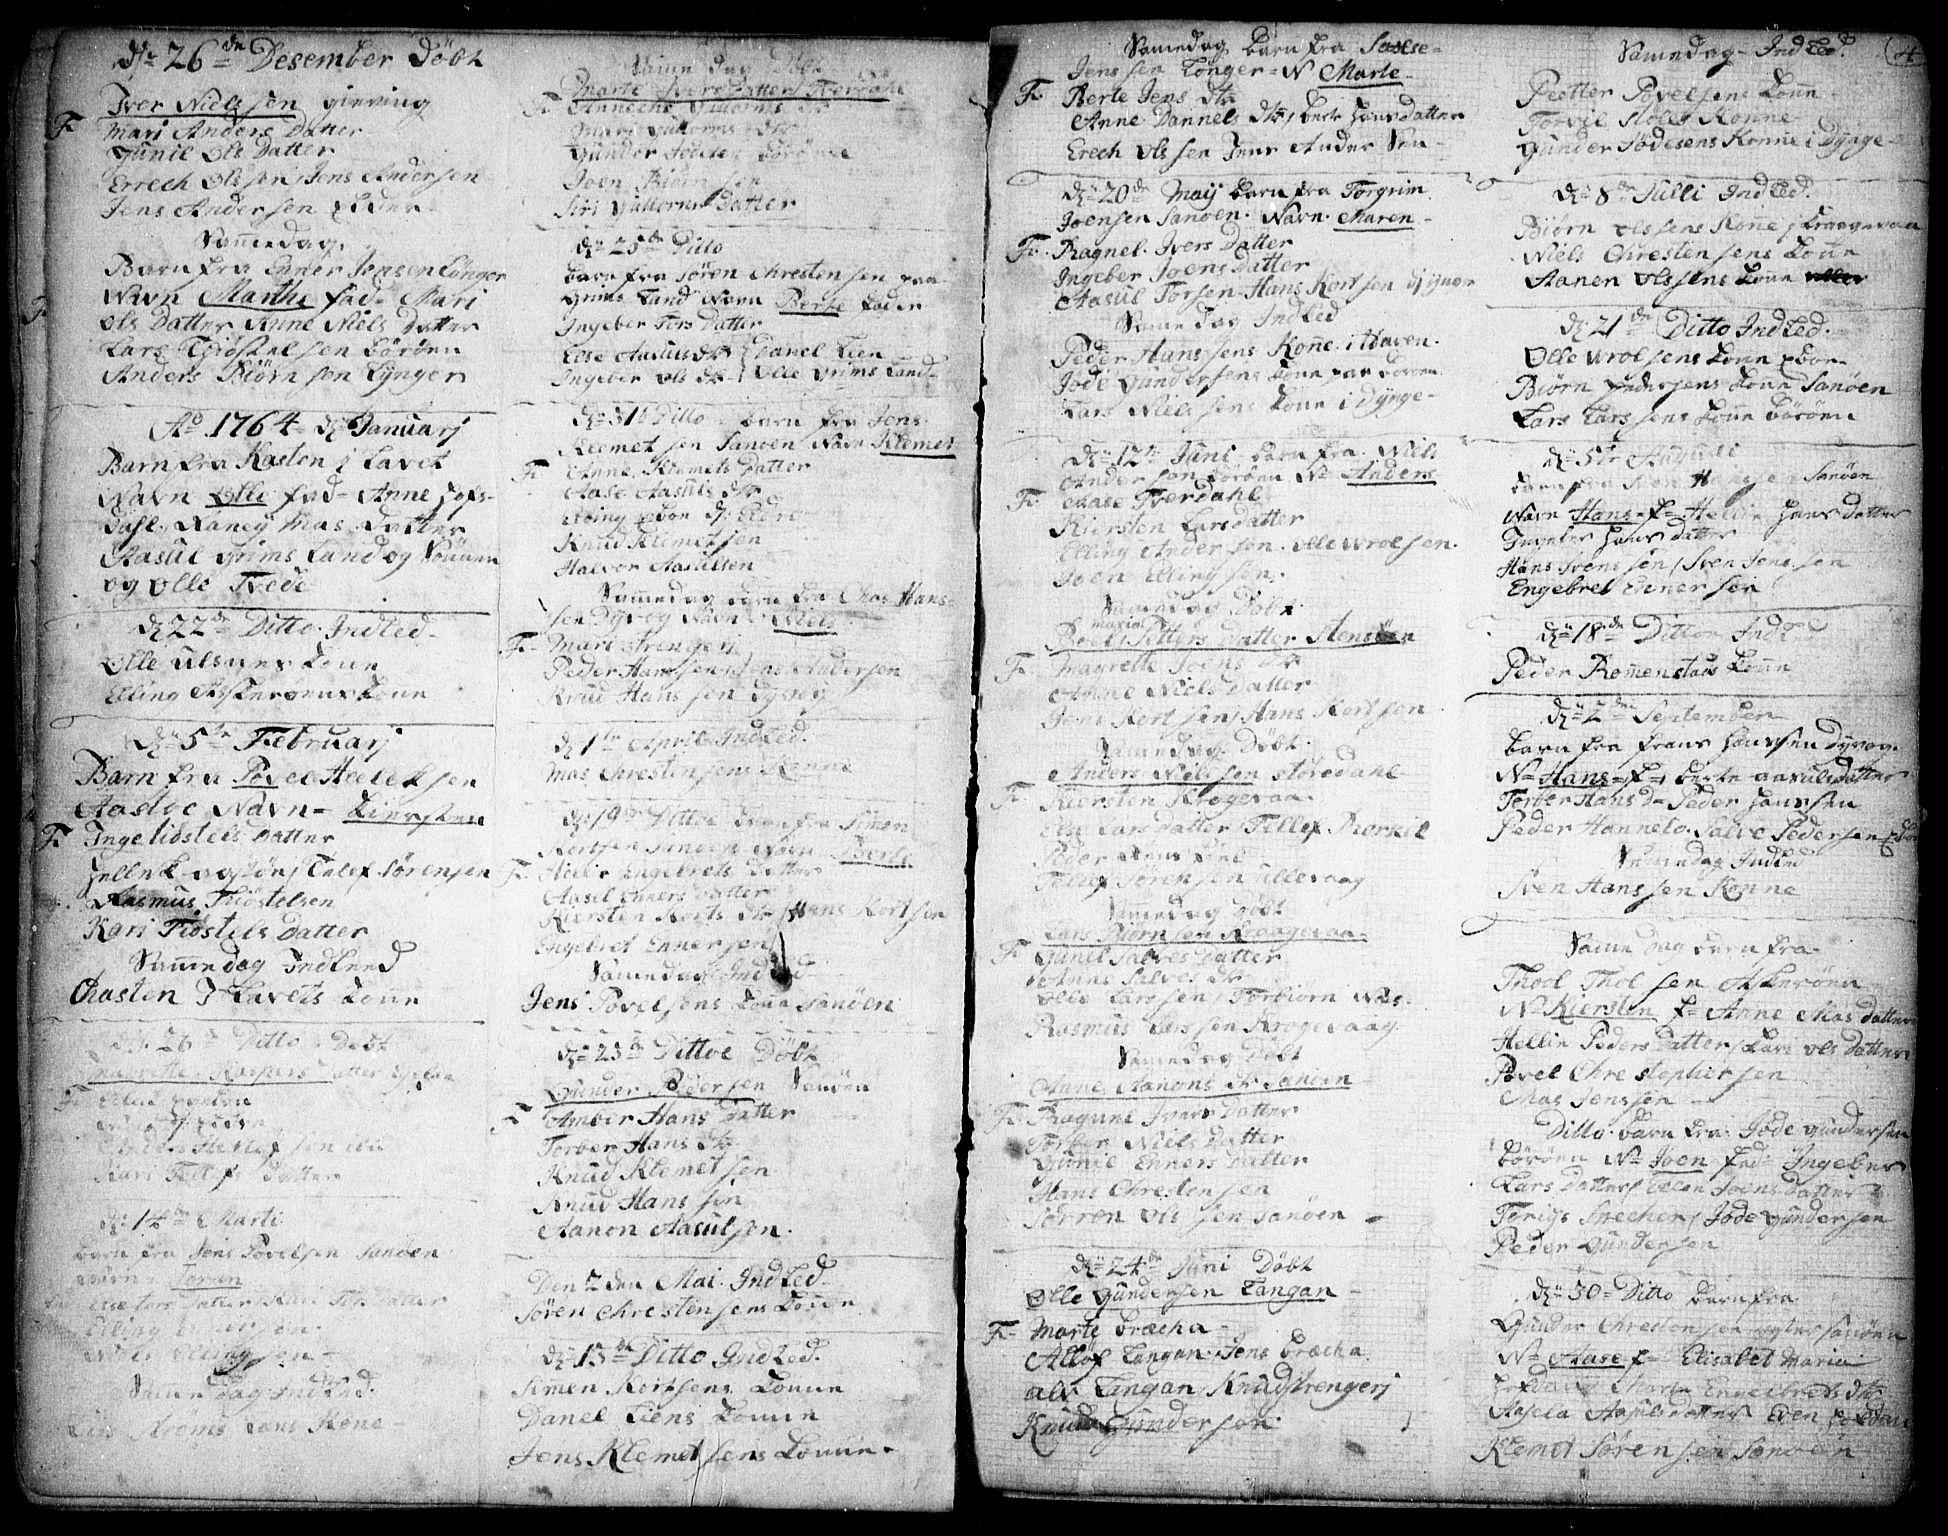 SAK, Dypvåg sokneprestkontor, F/Fb/Fba/L0007: Klokkerbok nr. B 7, 1762-1810, s. 4